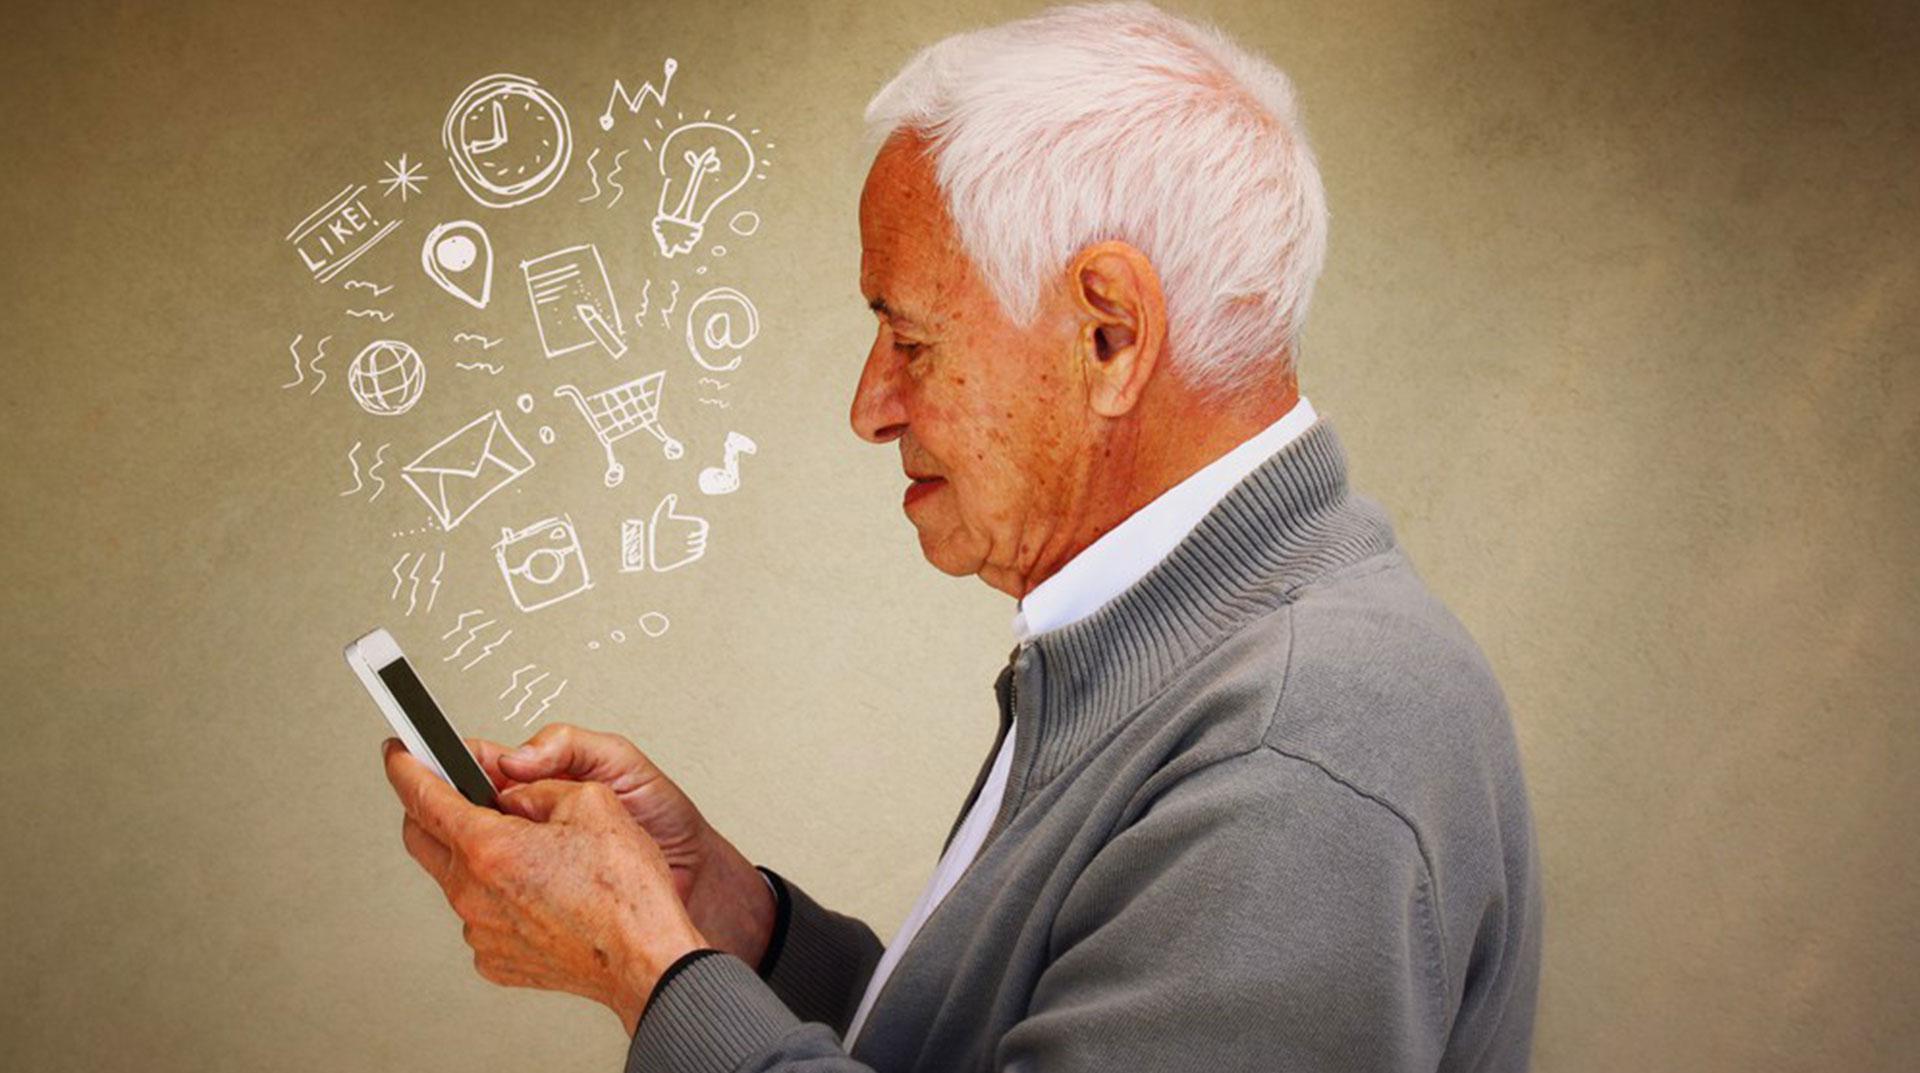 Yaşlı Nüfus Sosyal Medya Kullanım Rekoru Türkiye'de